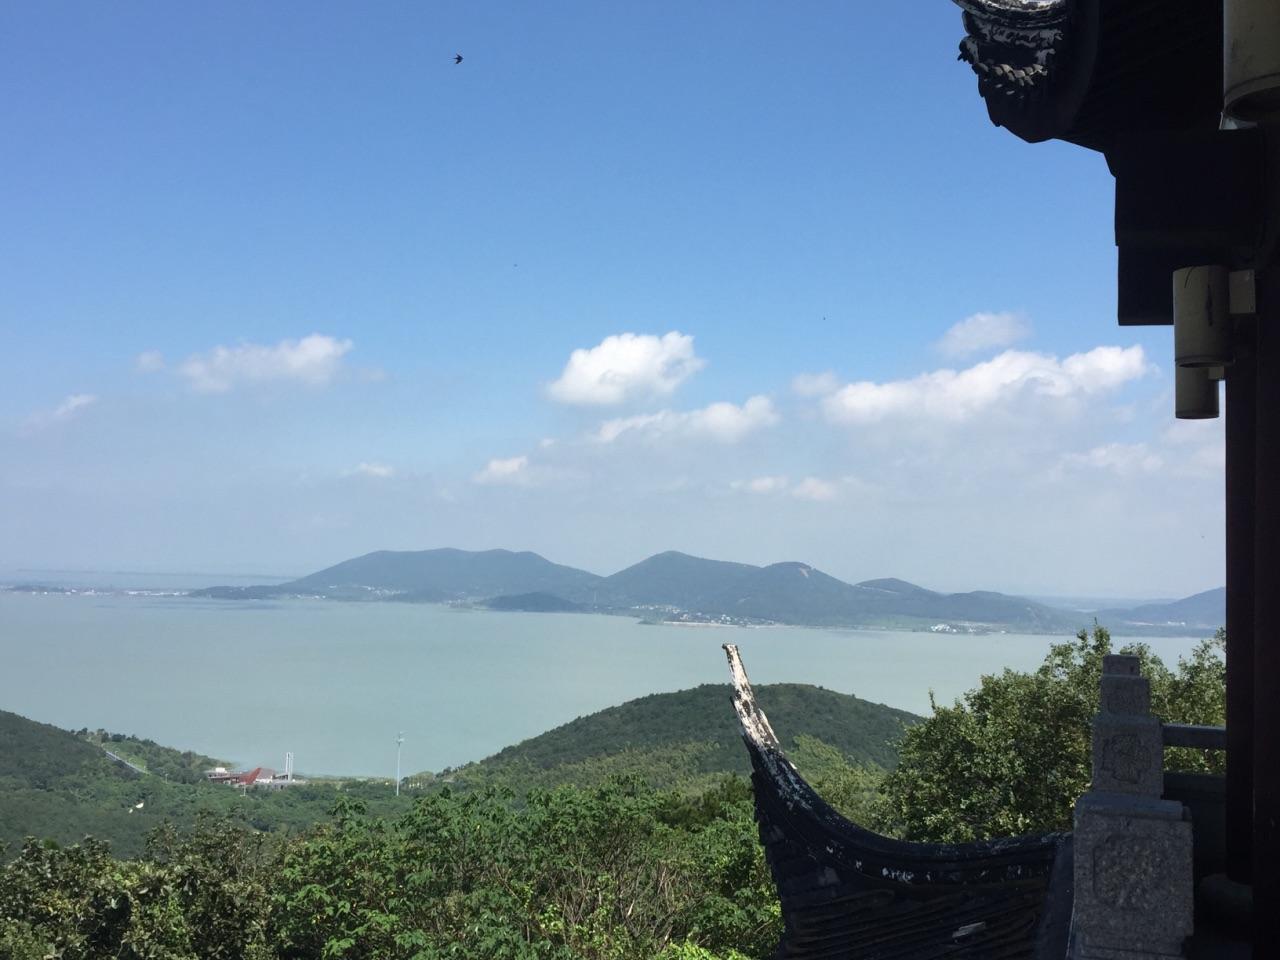 山顶风景好好,风好大.太湖美景尽收眼里